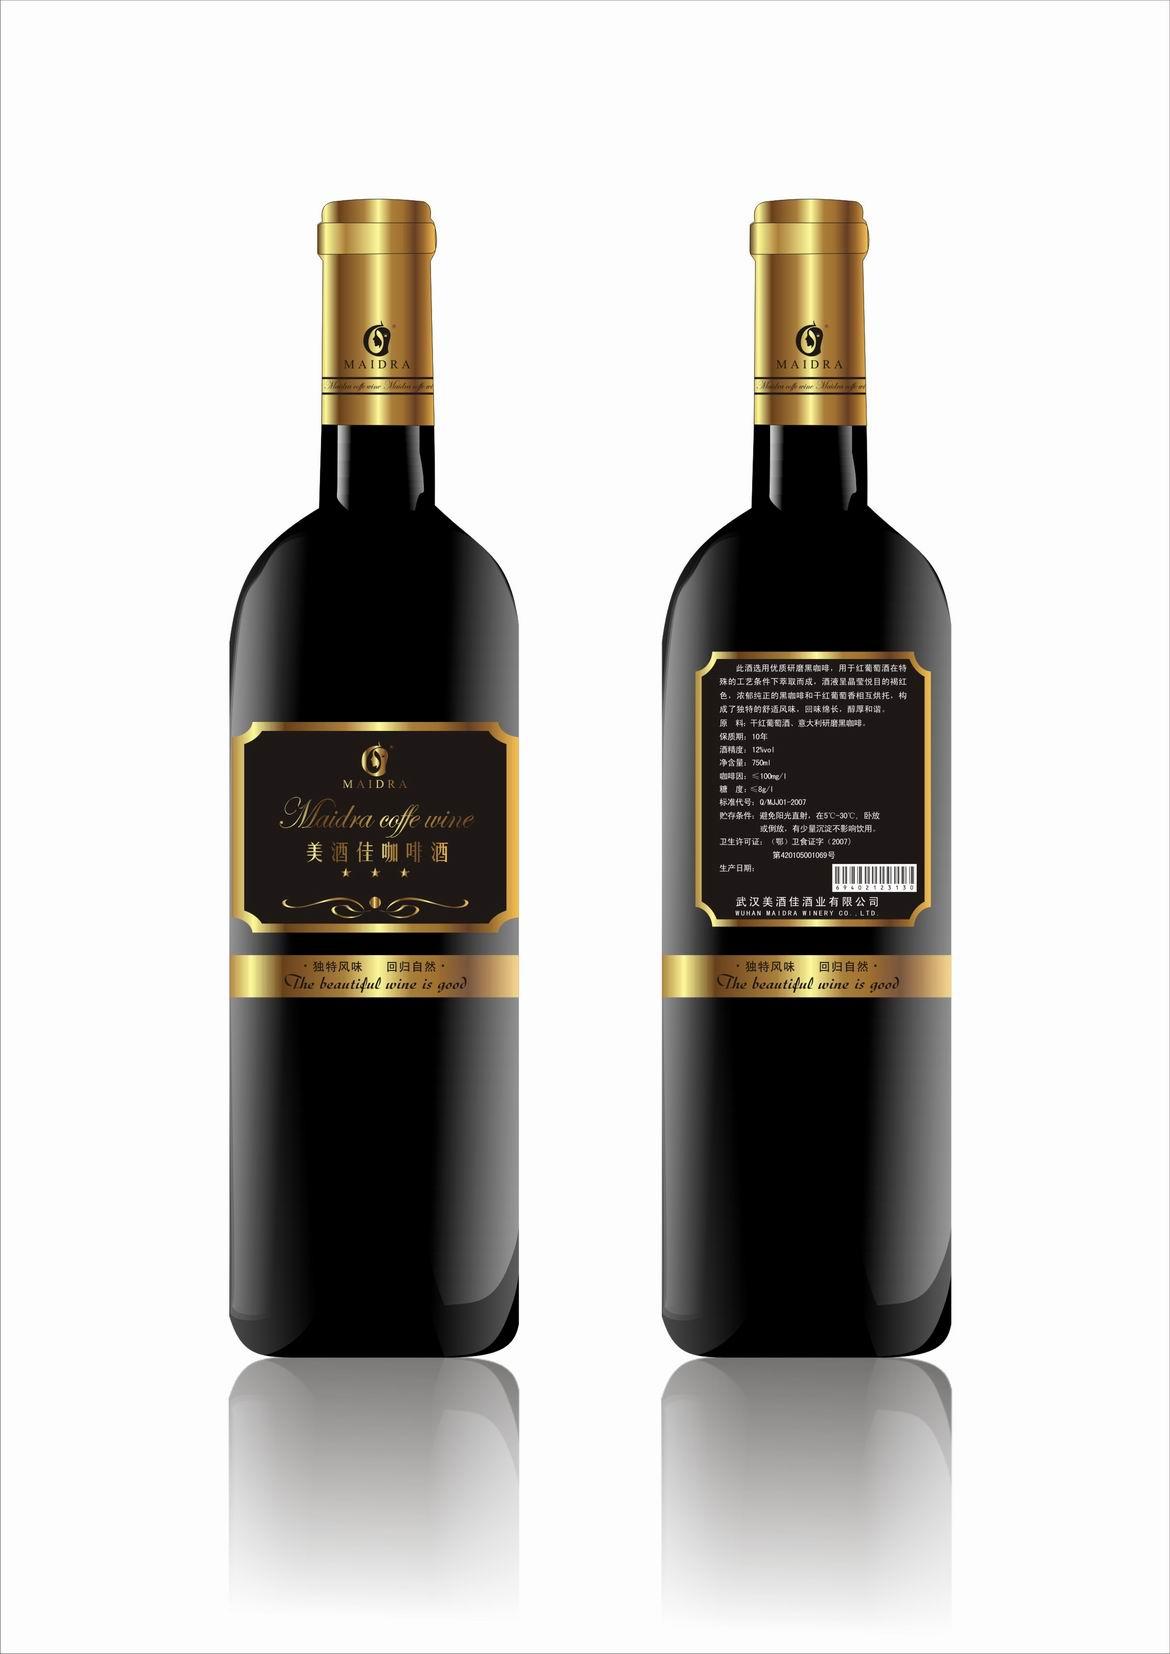 红酒的瓶标设计图片